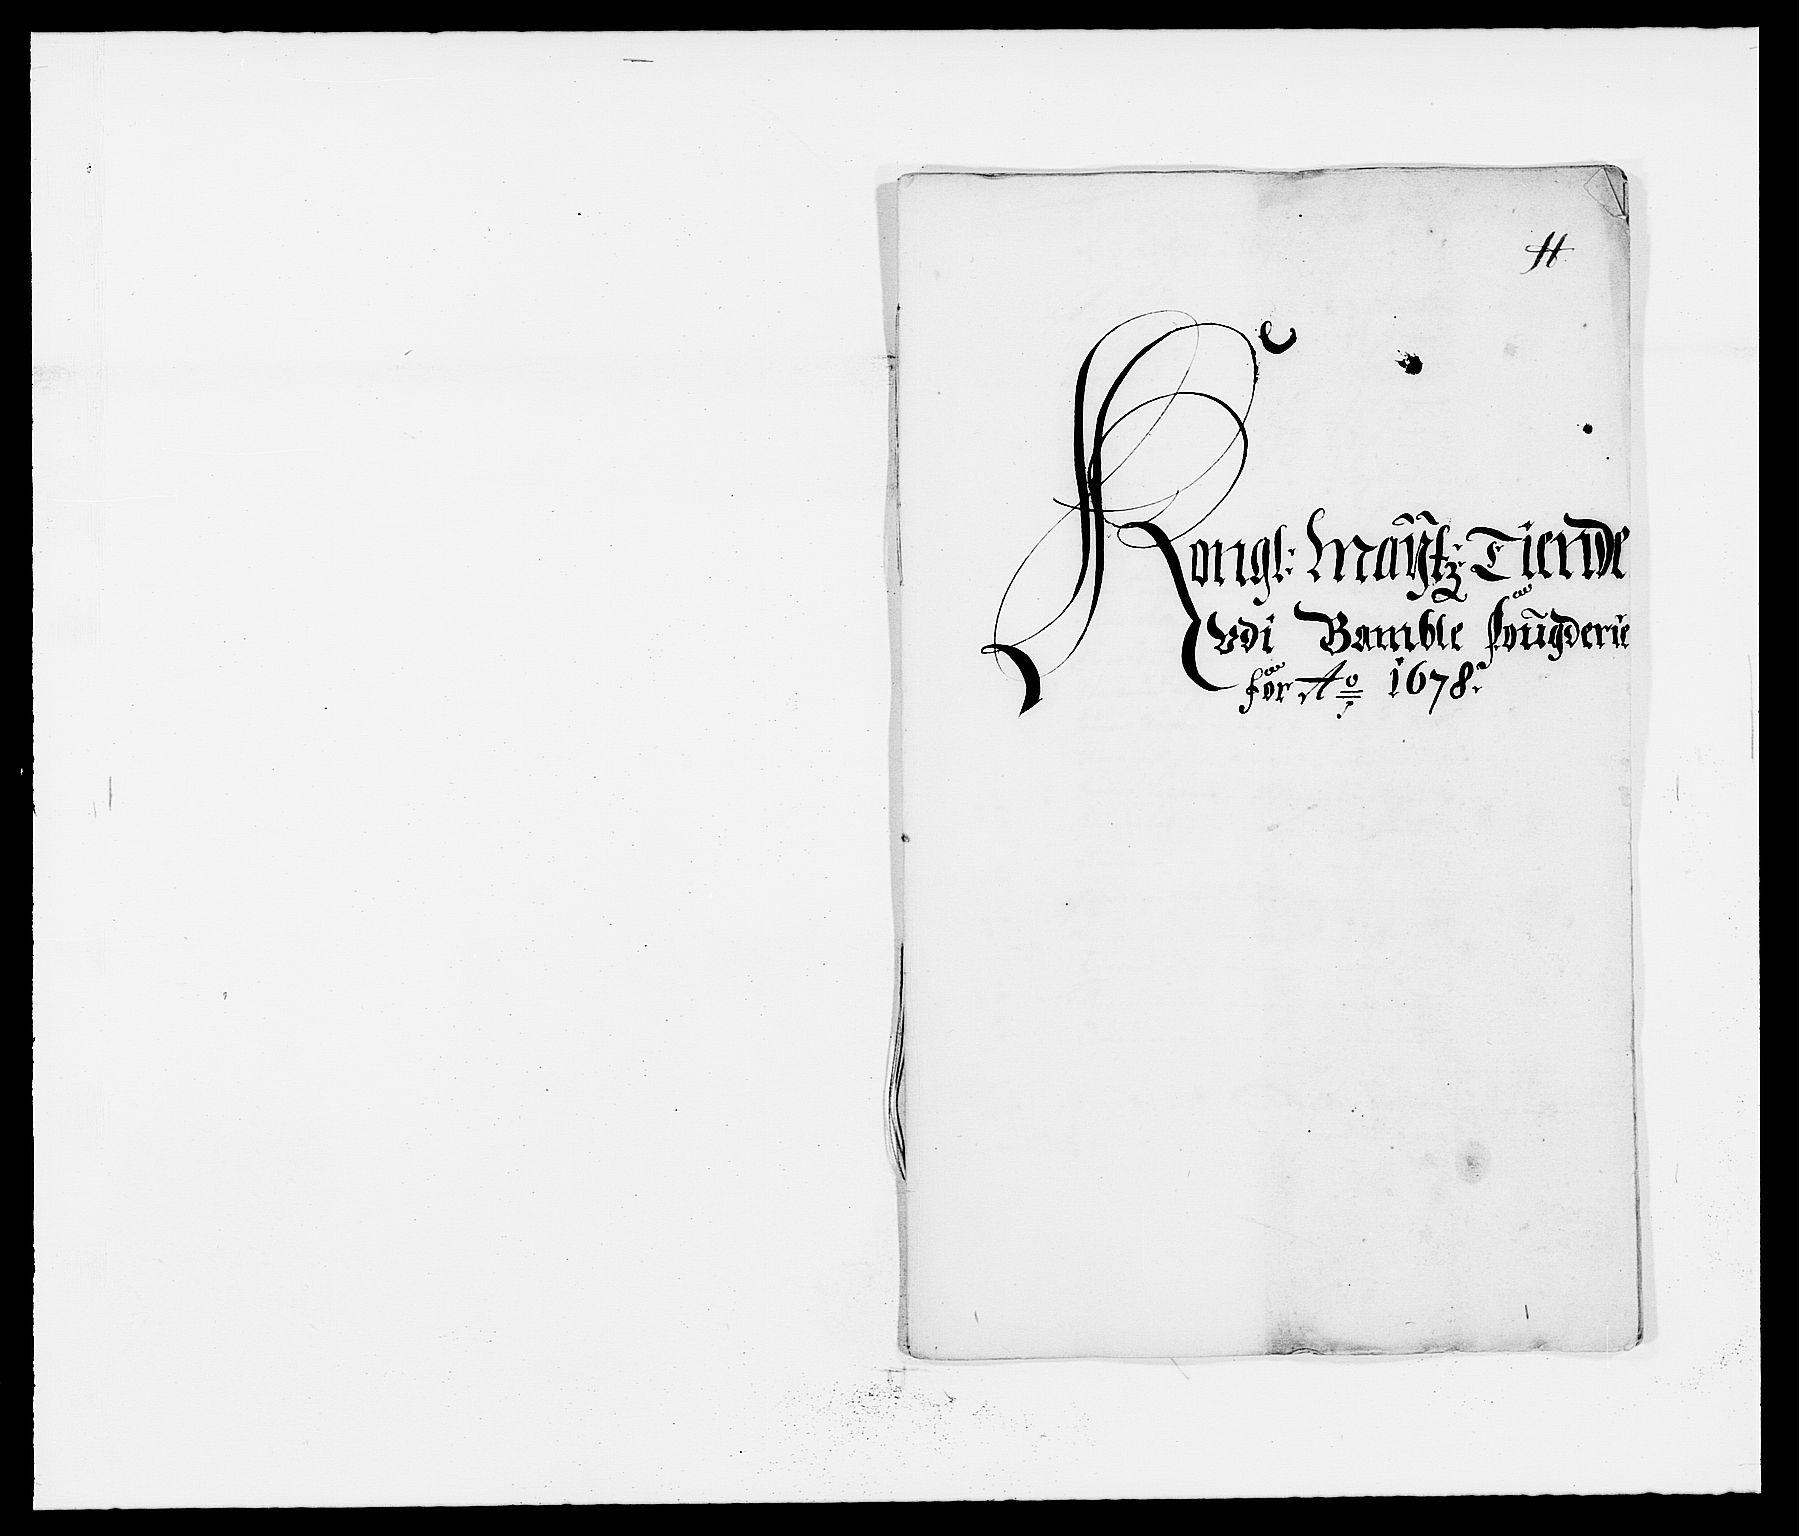 RA, Rentekammeret inntil 1814, Reviderte regnskaper, Fogderegnskap, R34/L2044: Fogderegnskap Bamble, 1678-1679, s. 209